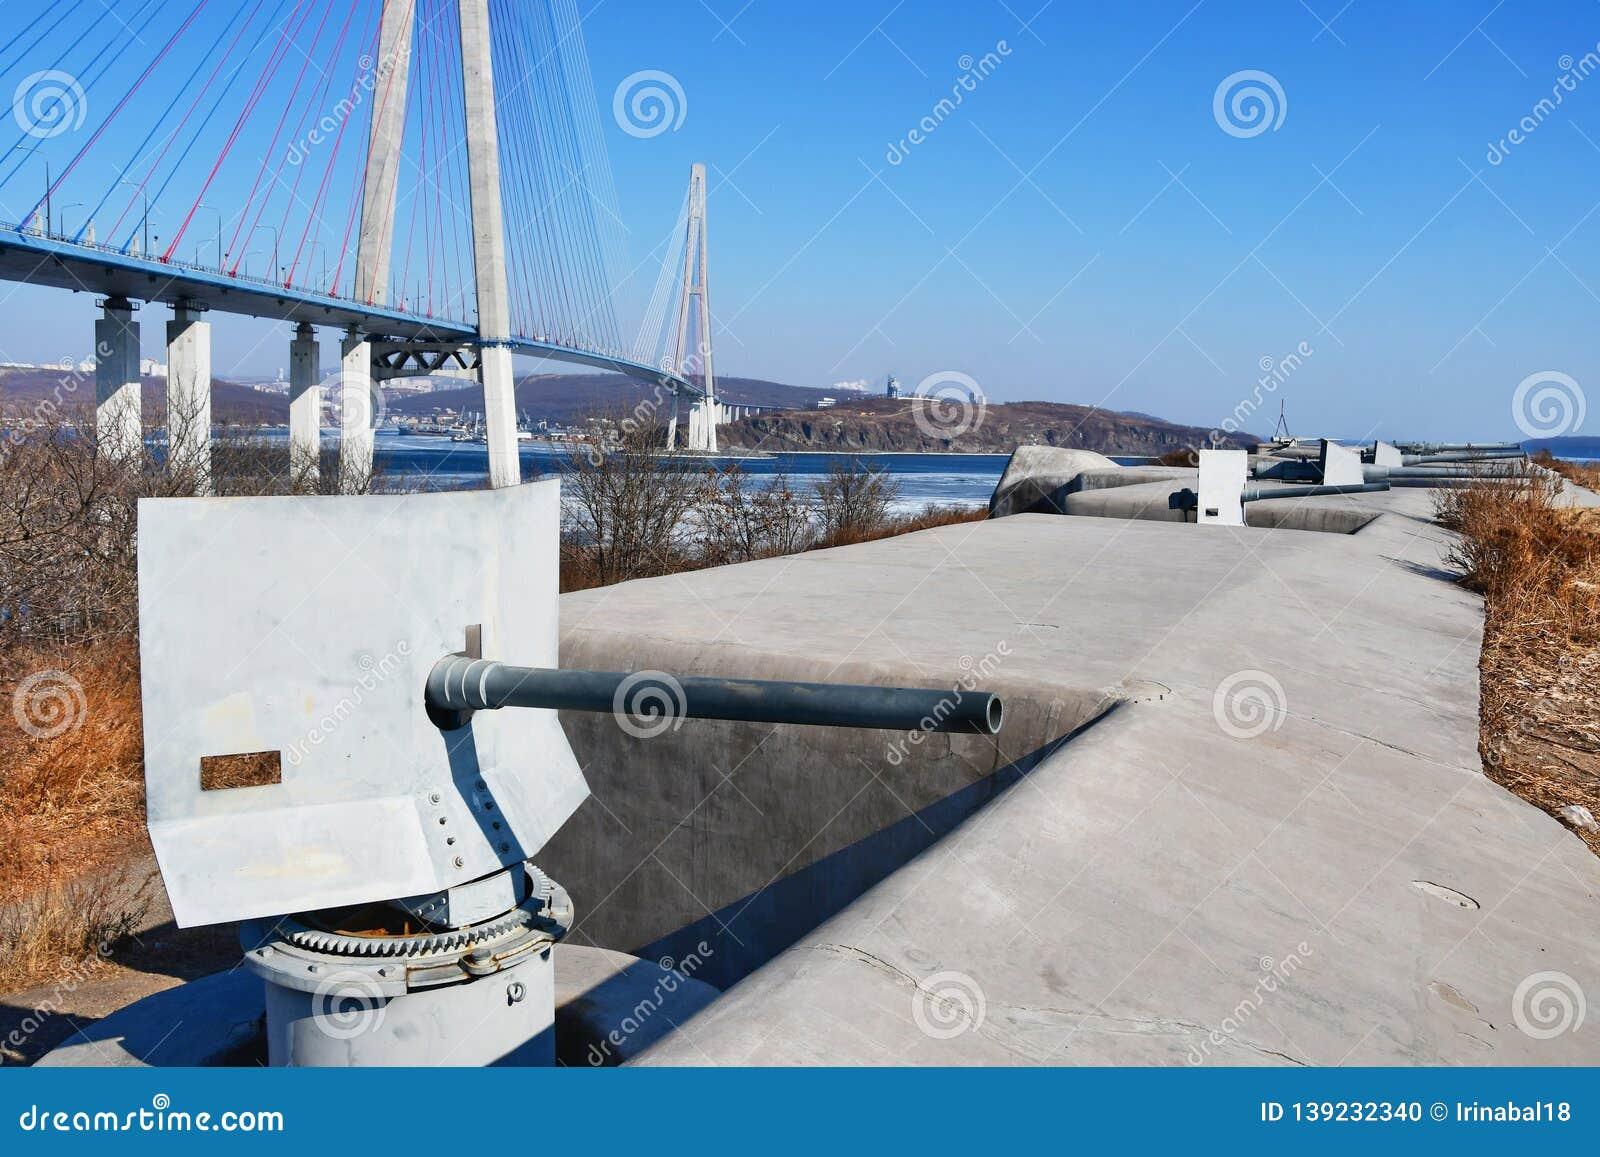 Canons de la batterie côtière de Novosiltsevskaya de la forteresse de Vladivostok du début du siècle 20 sur l île de Russkiy dans